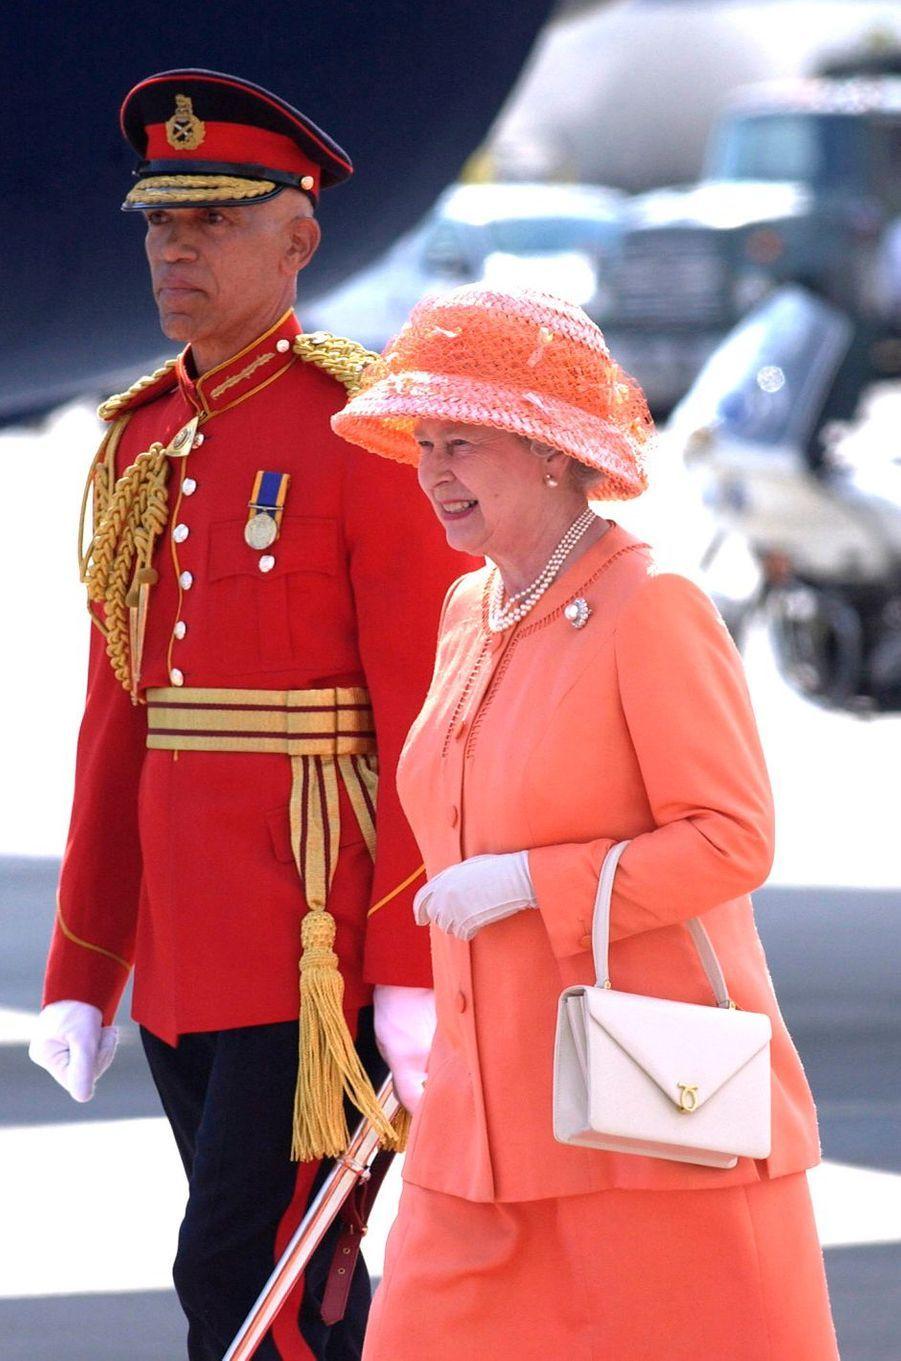 La reine Elizabeth II avec un sac Launer, le 18 février 2002